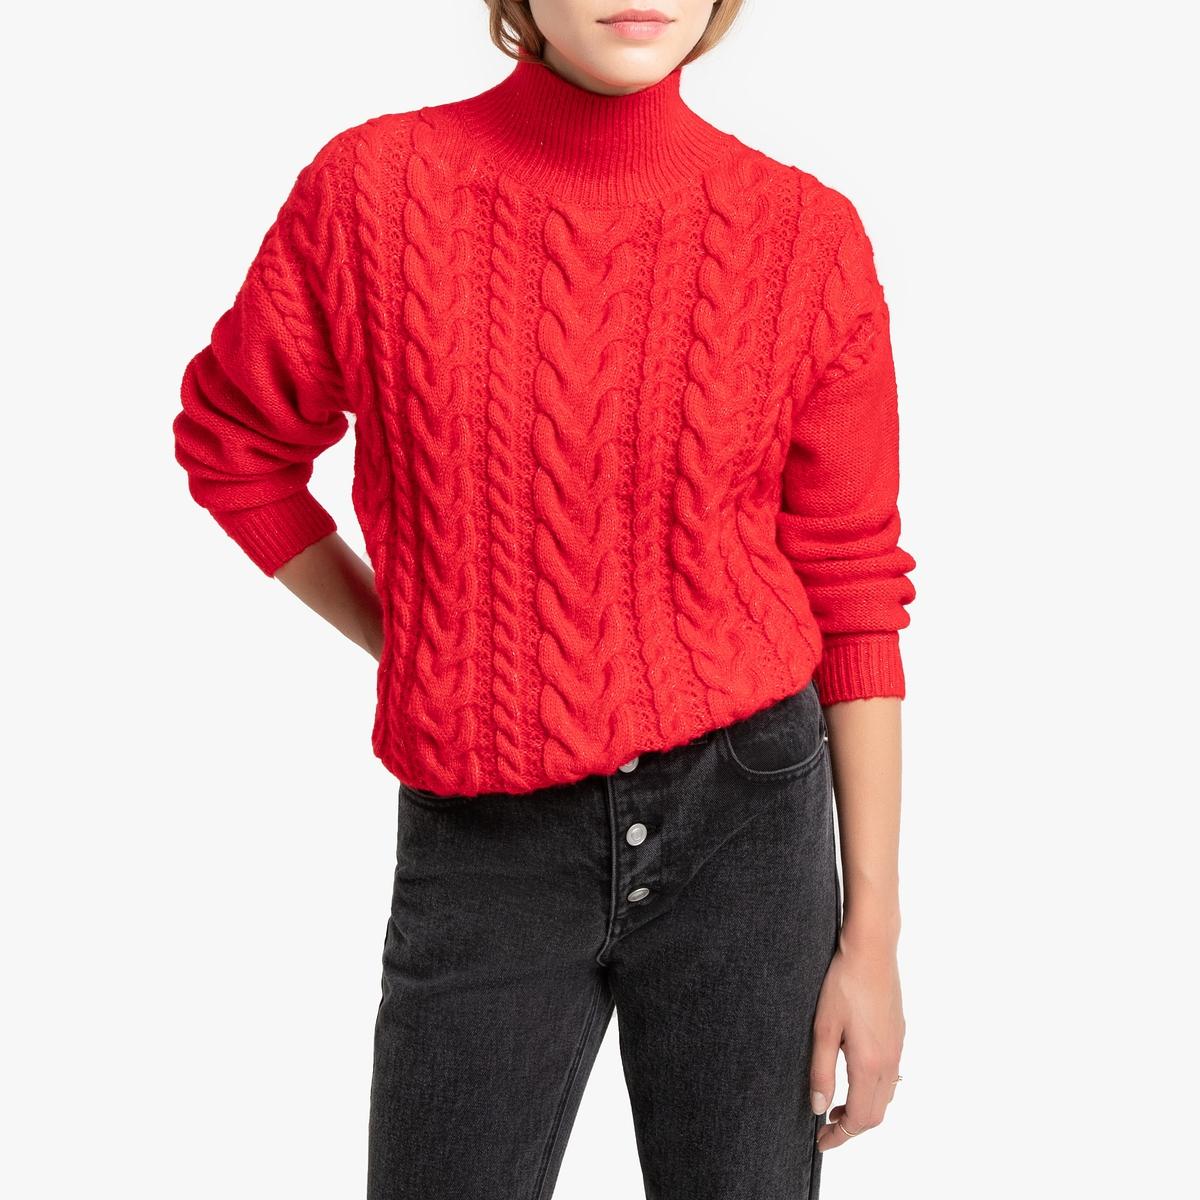 Пуловер La Redoute С воротником-стойкой из трикотажа с узором косы S красный